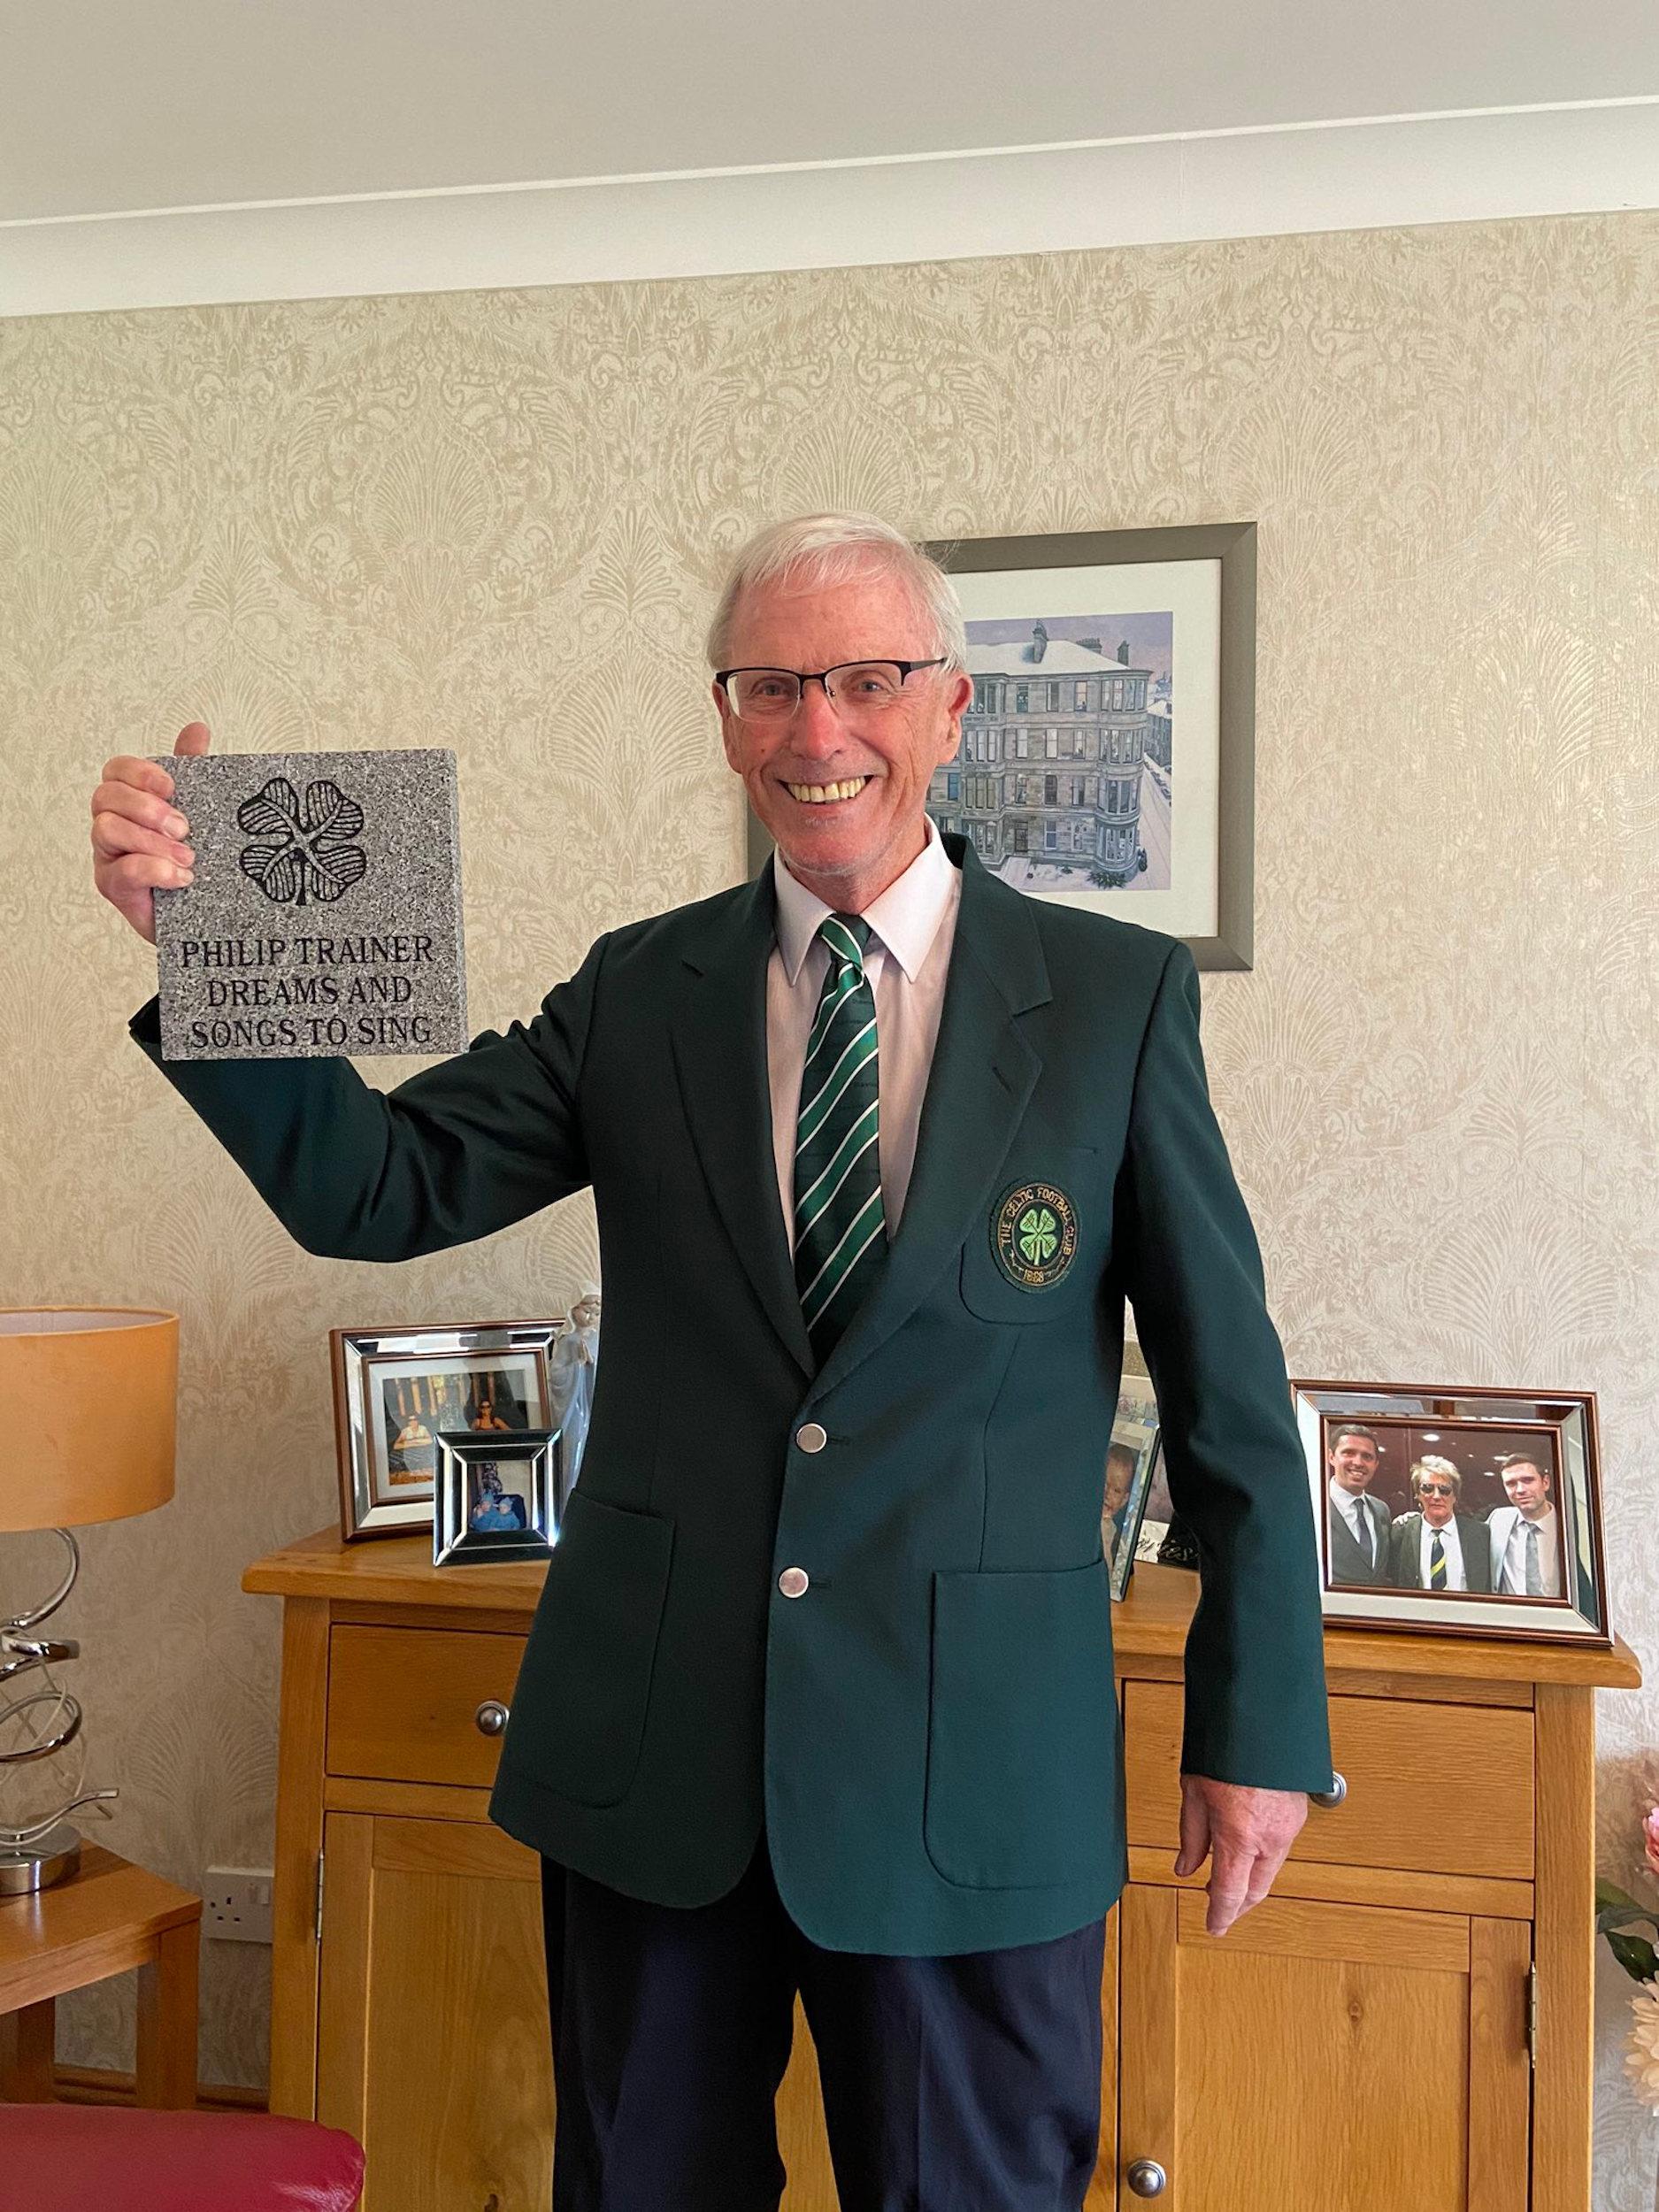 Philip with his plaque-Scottish News